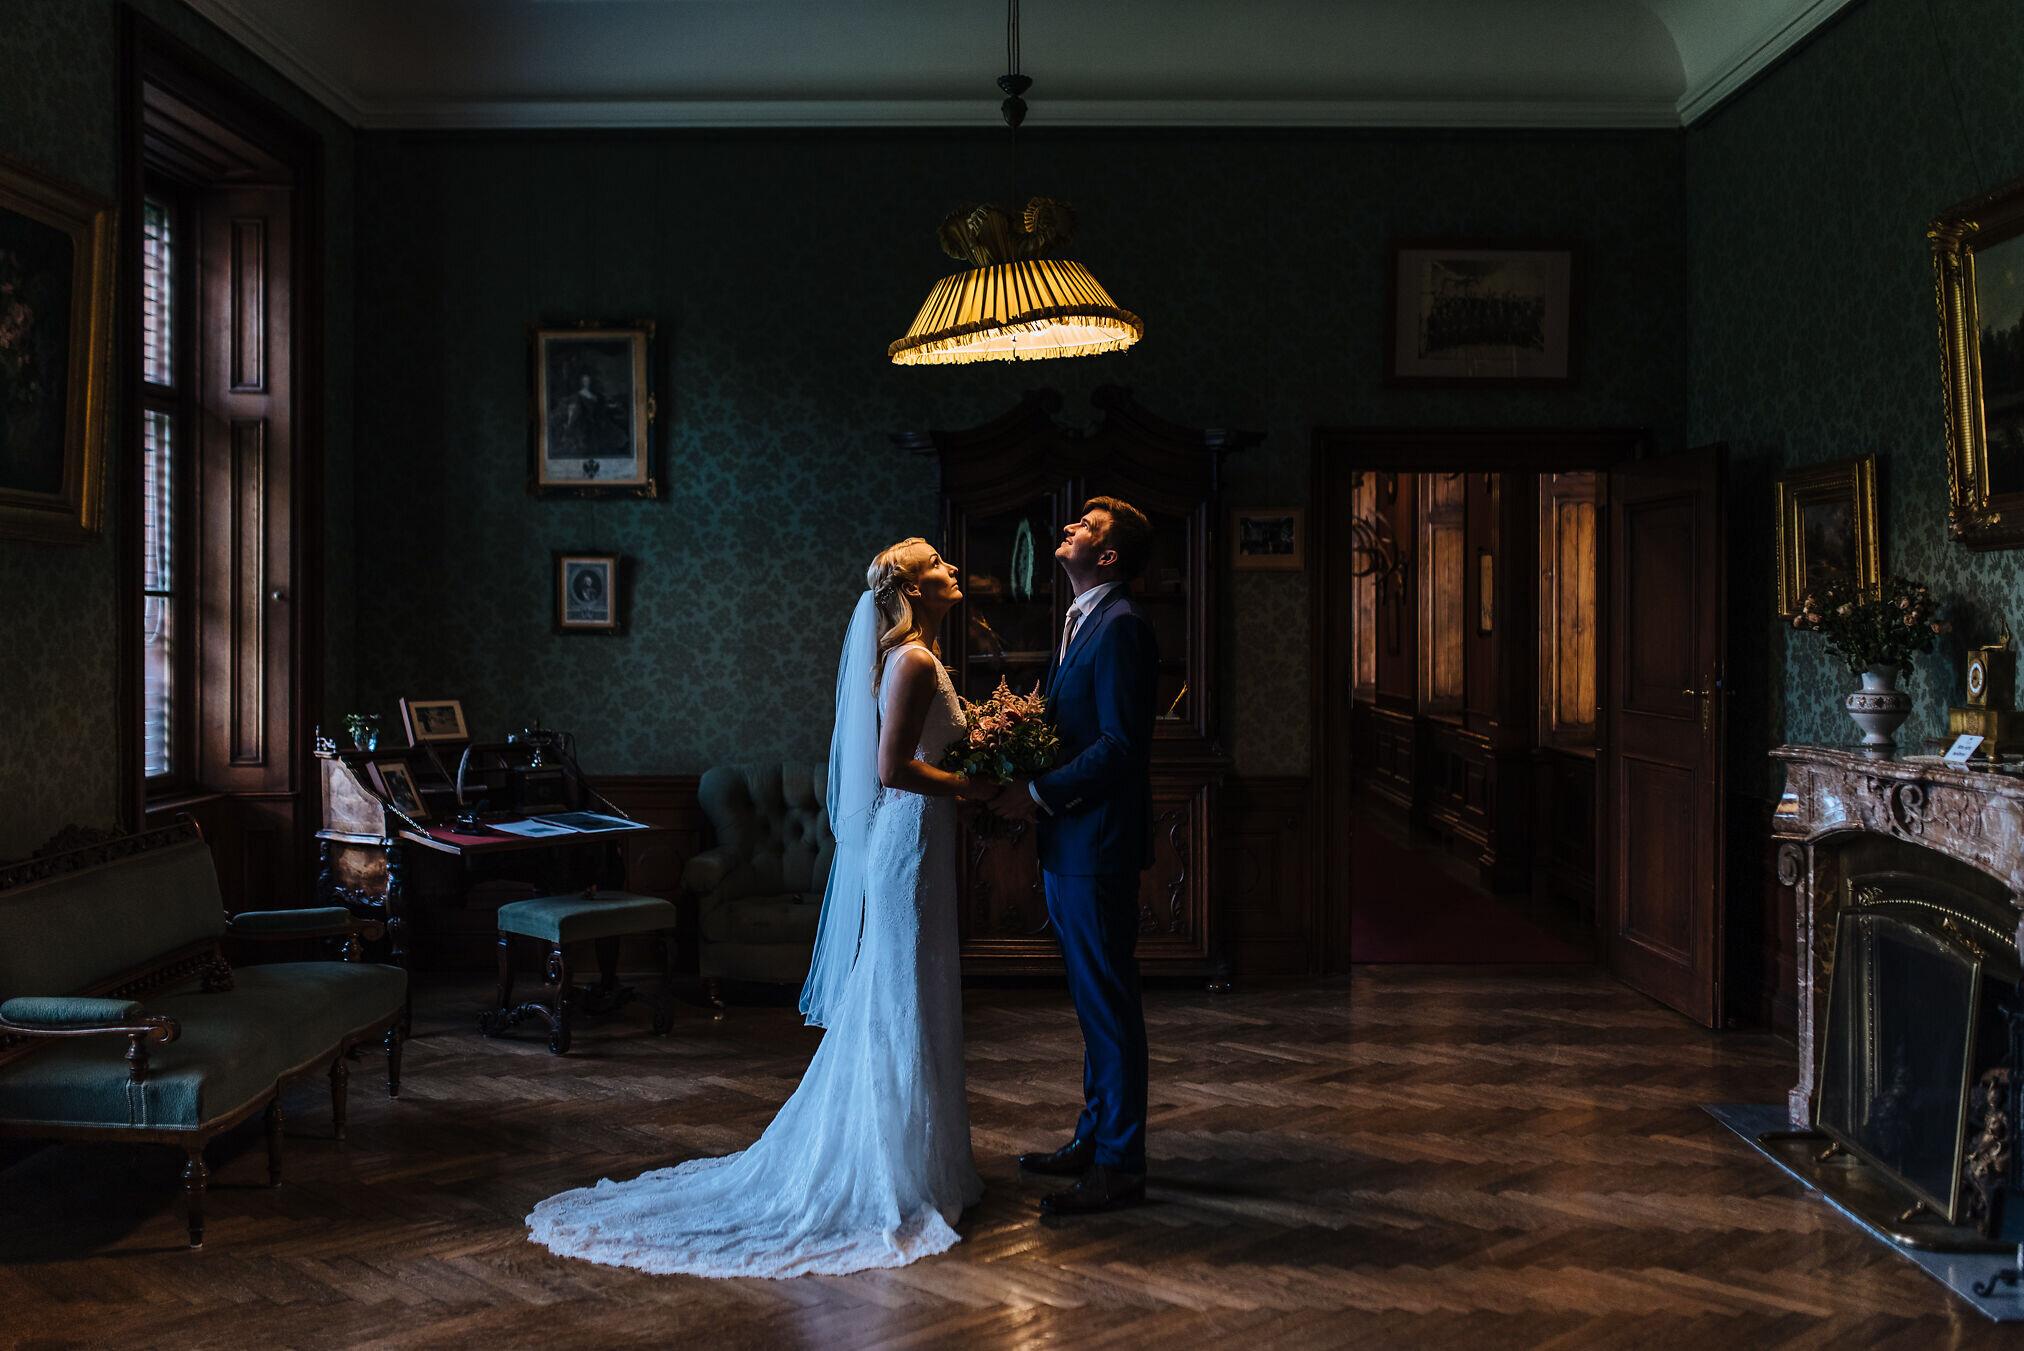 Hochzeit-Schloss-Eckartsau-37.jpg